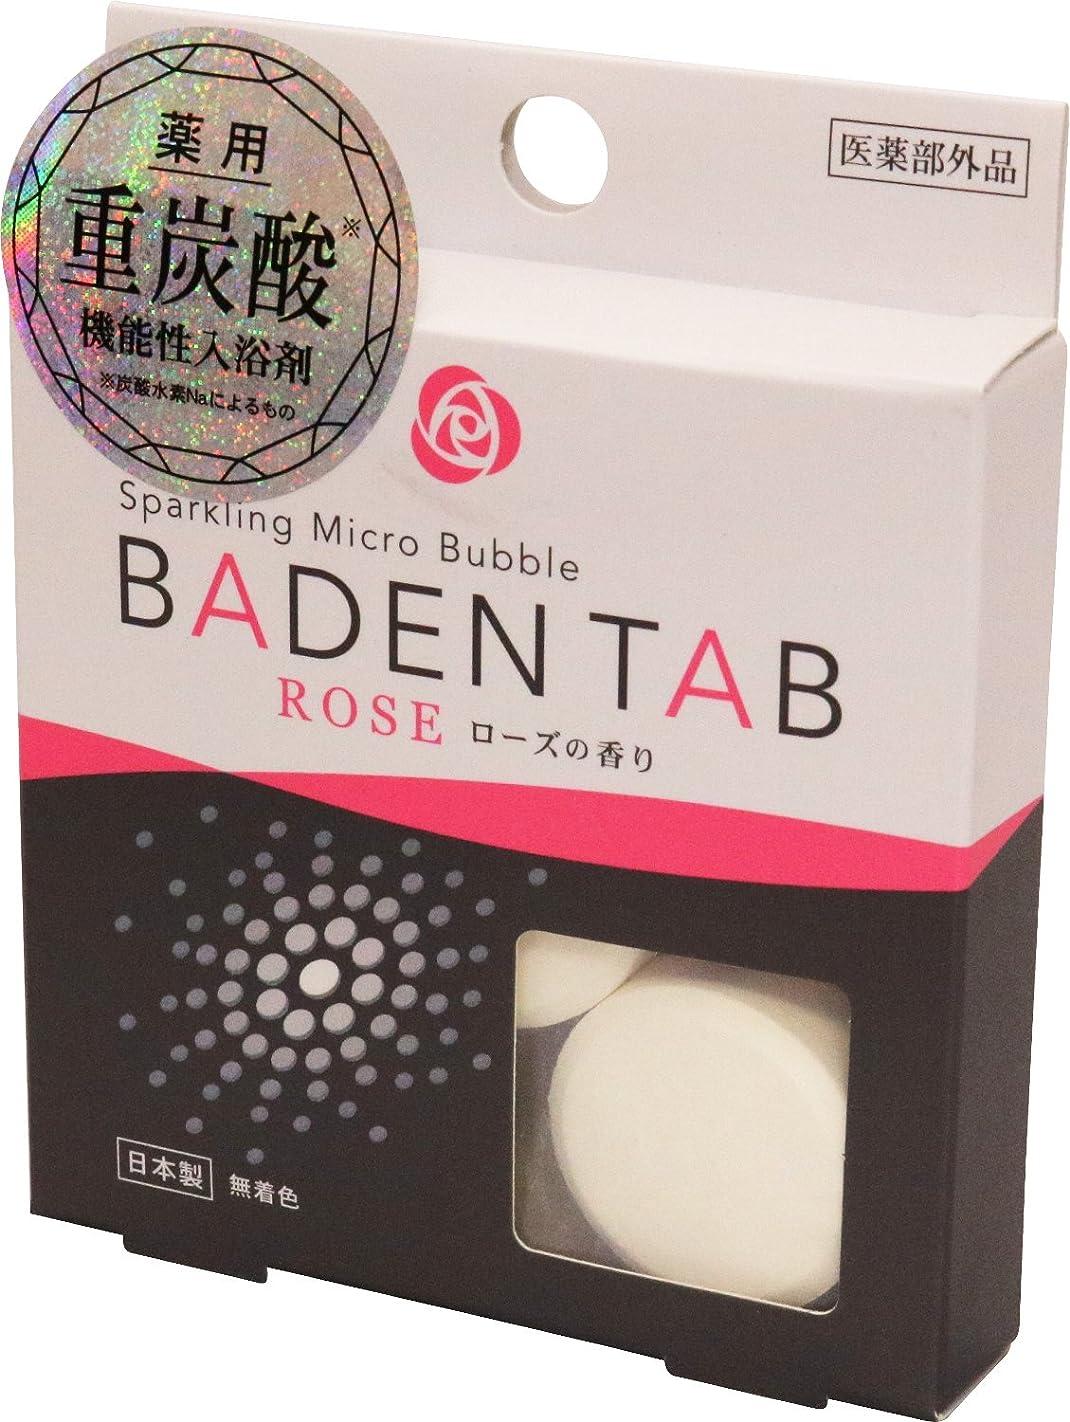 軽燃やすやけど薬用 重炭酸 機能性入浴剤 バーデンタブ ローズの香り 5錠